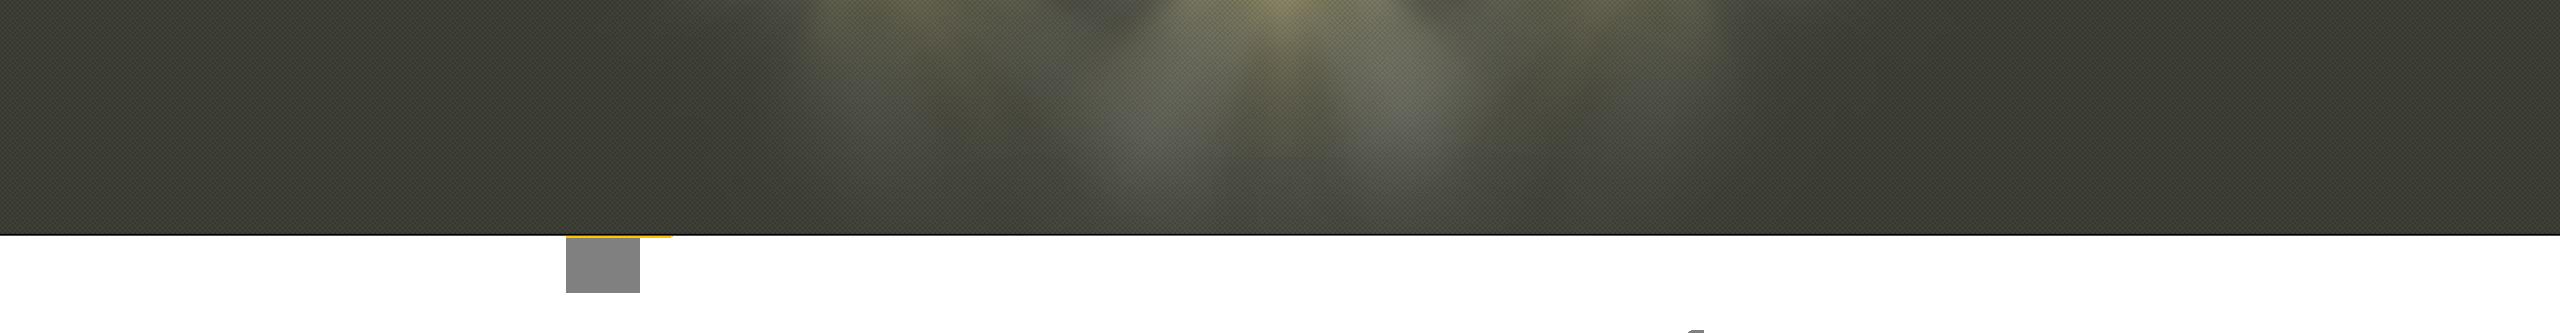 Background image header - Designpoint Rev Slider Header Background